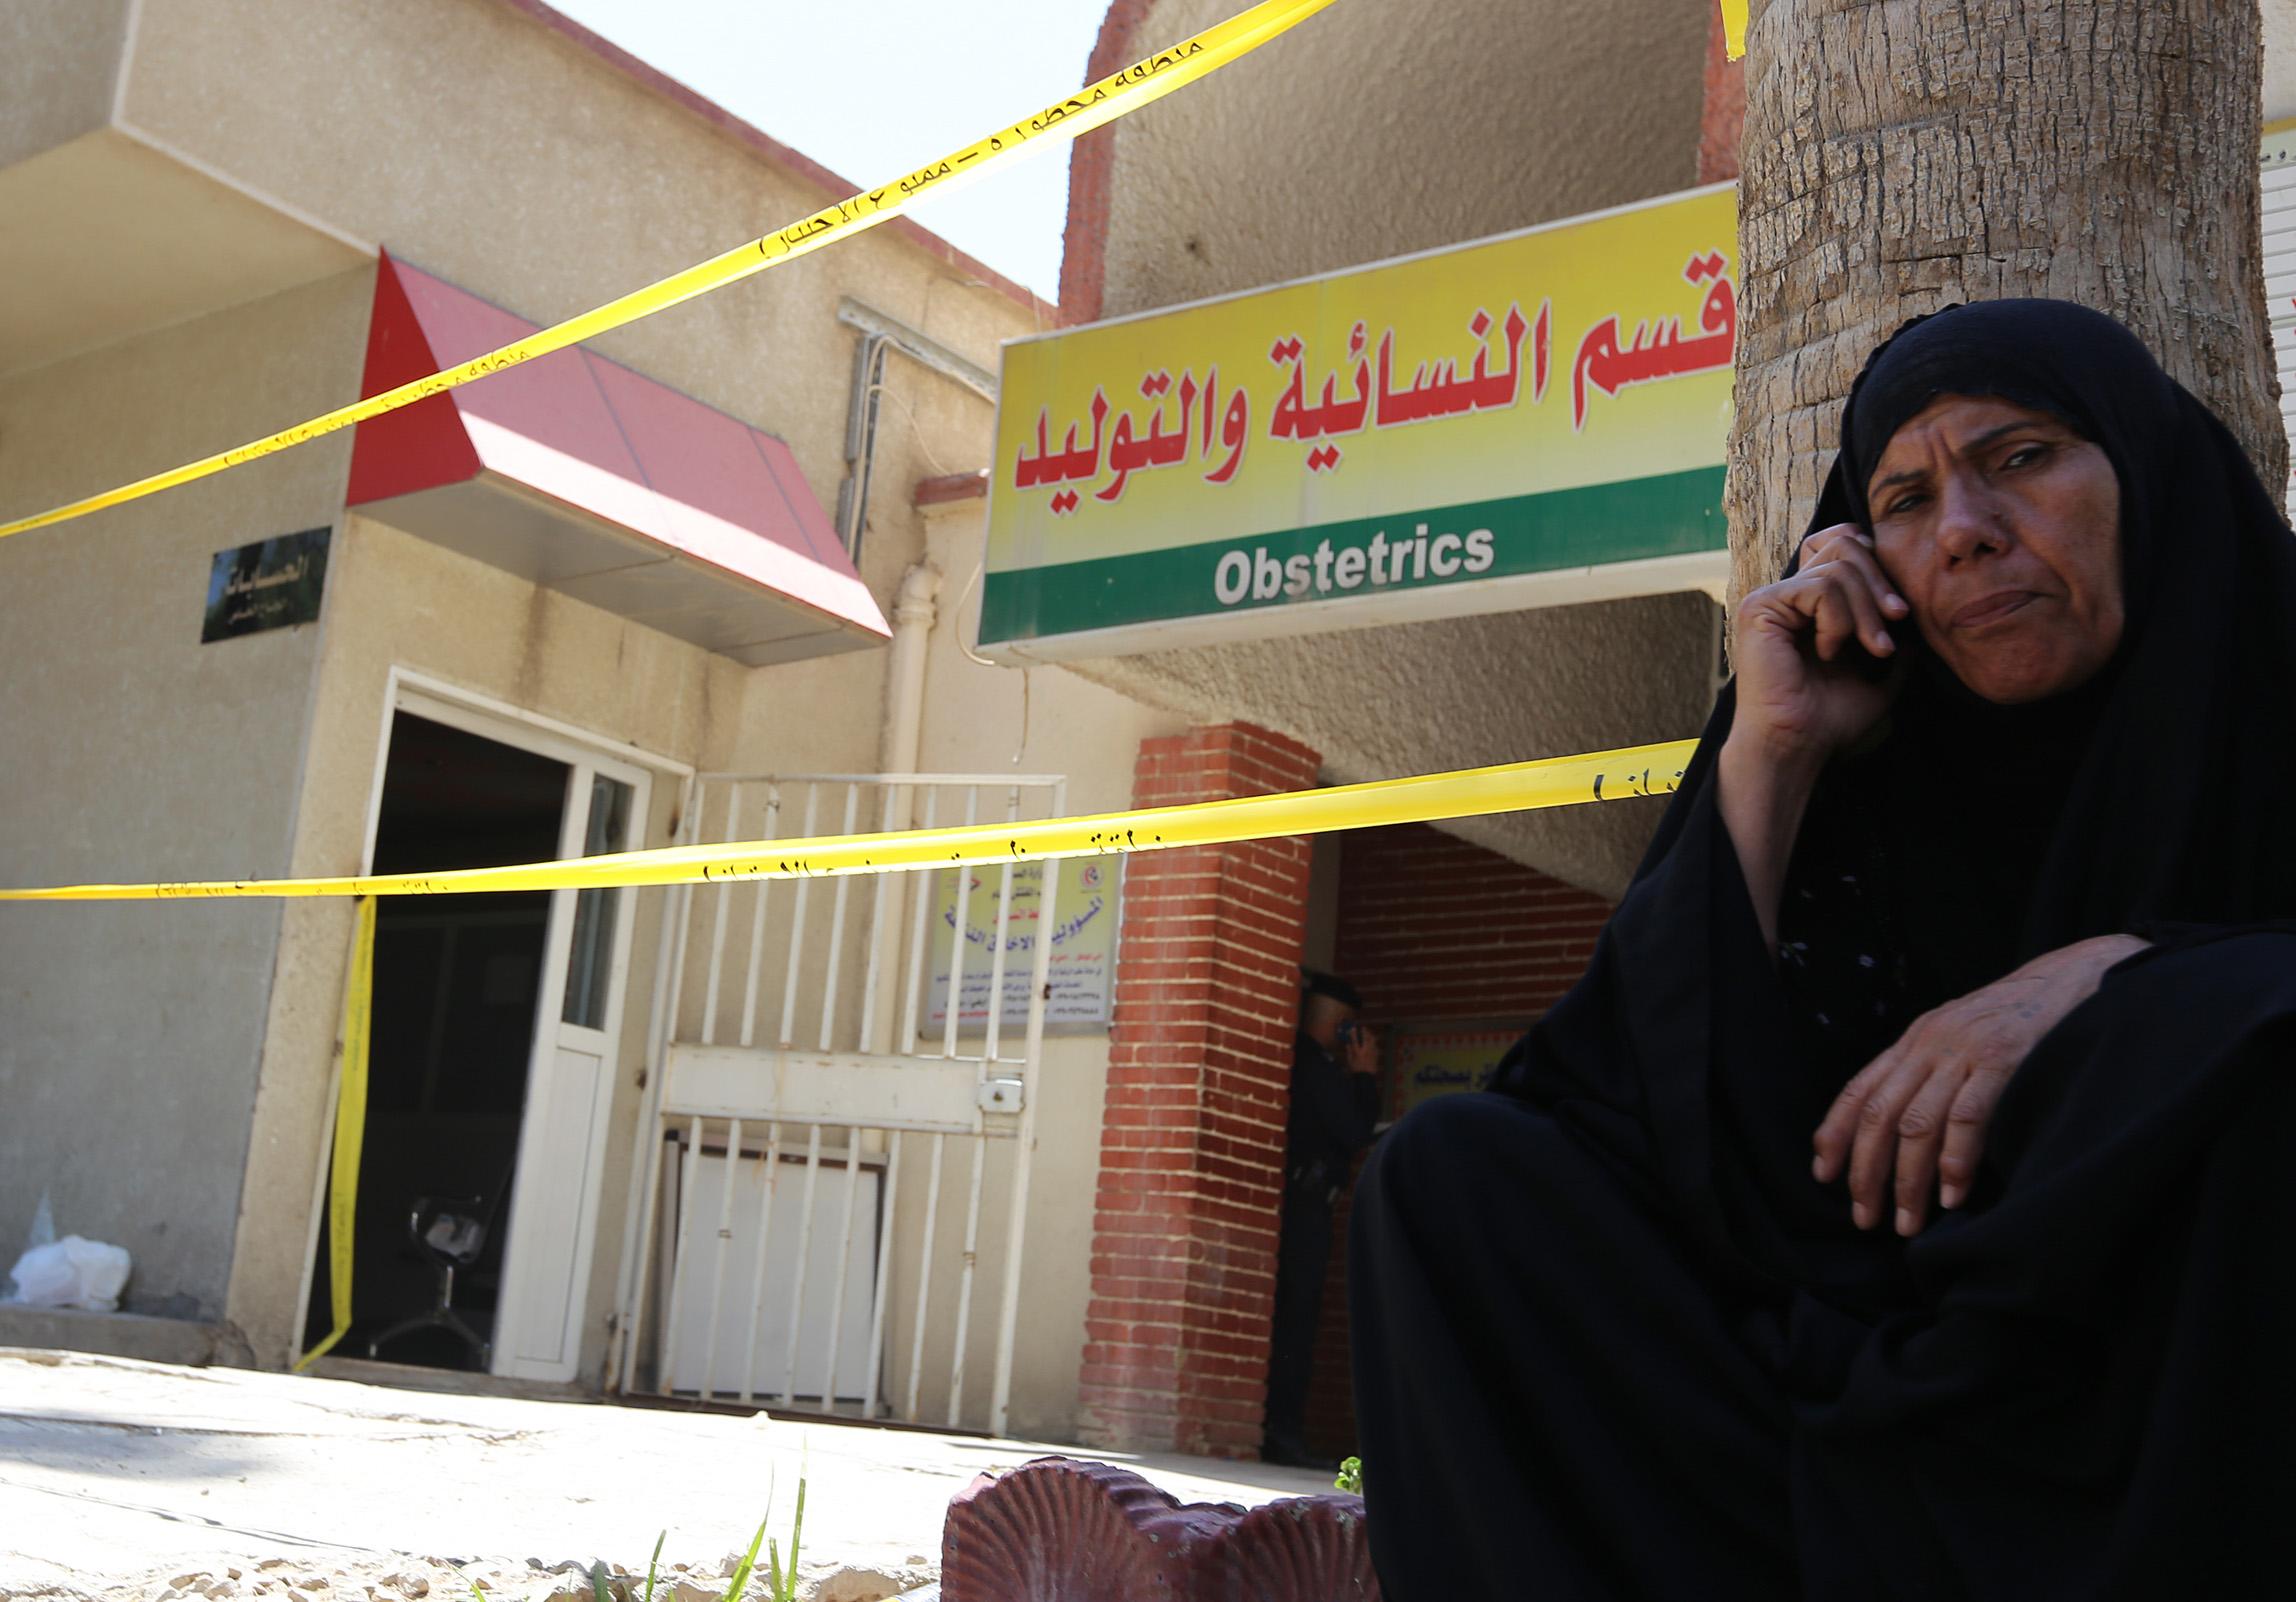 سيدة عراقية خارج مستشفى اليرموك غرب بغداد بعد حريق أصاب قسم الولادة/وكالة الصحافة الفرنسية